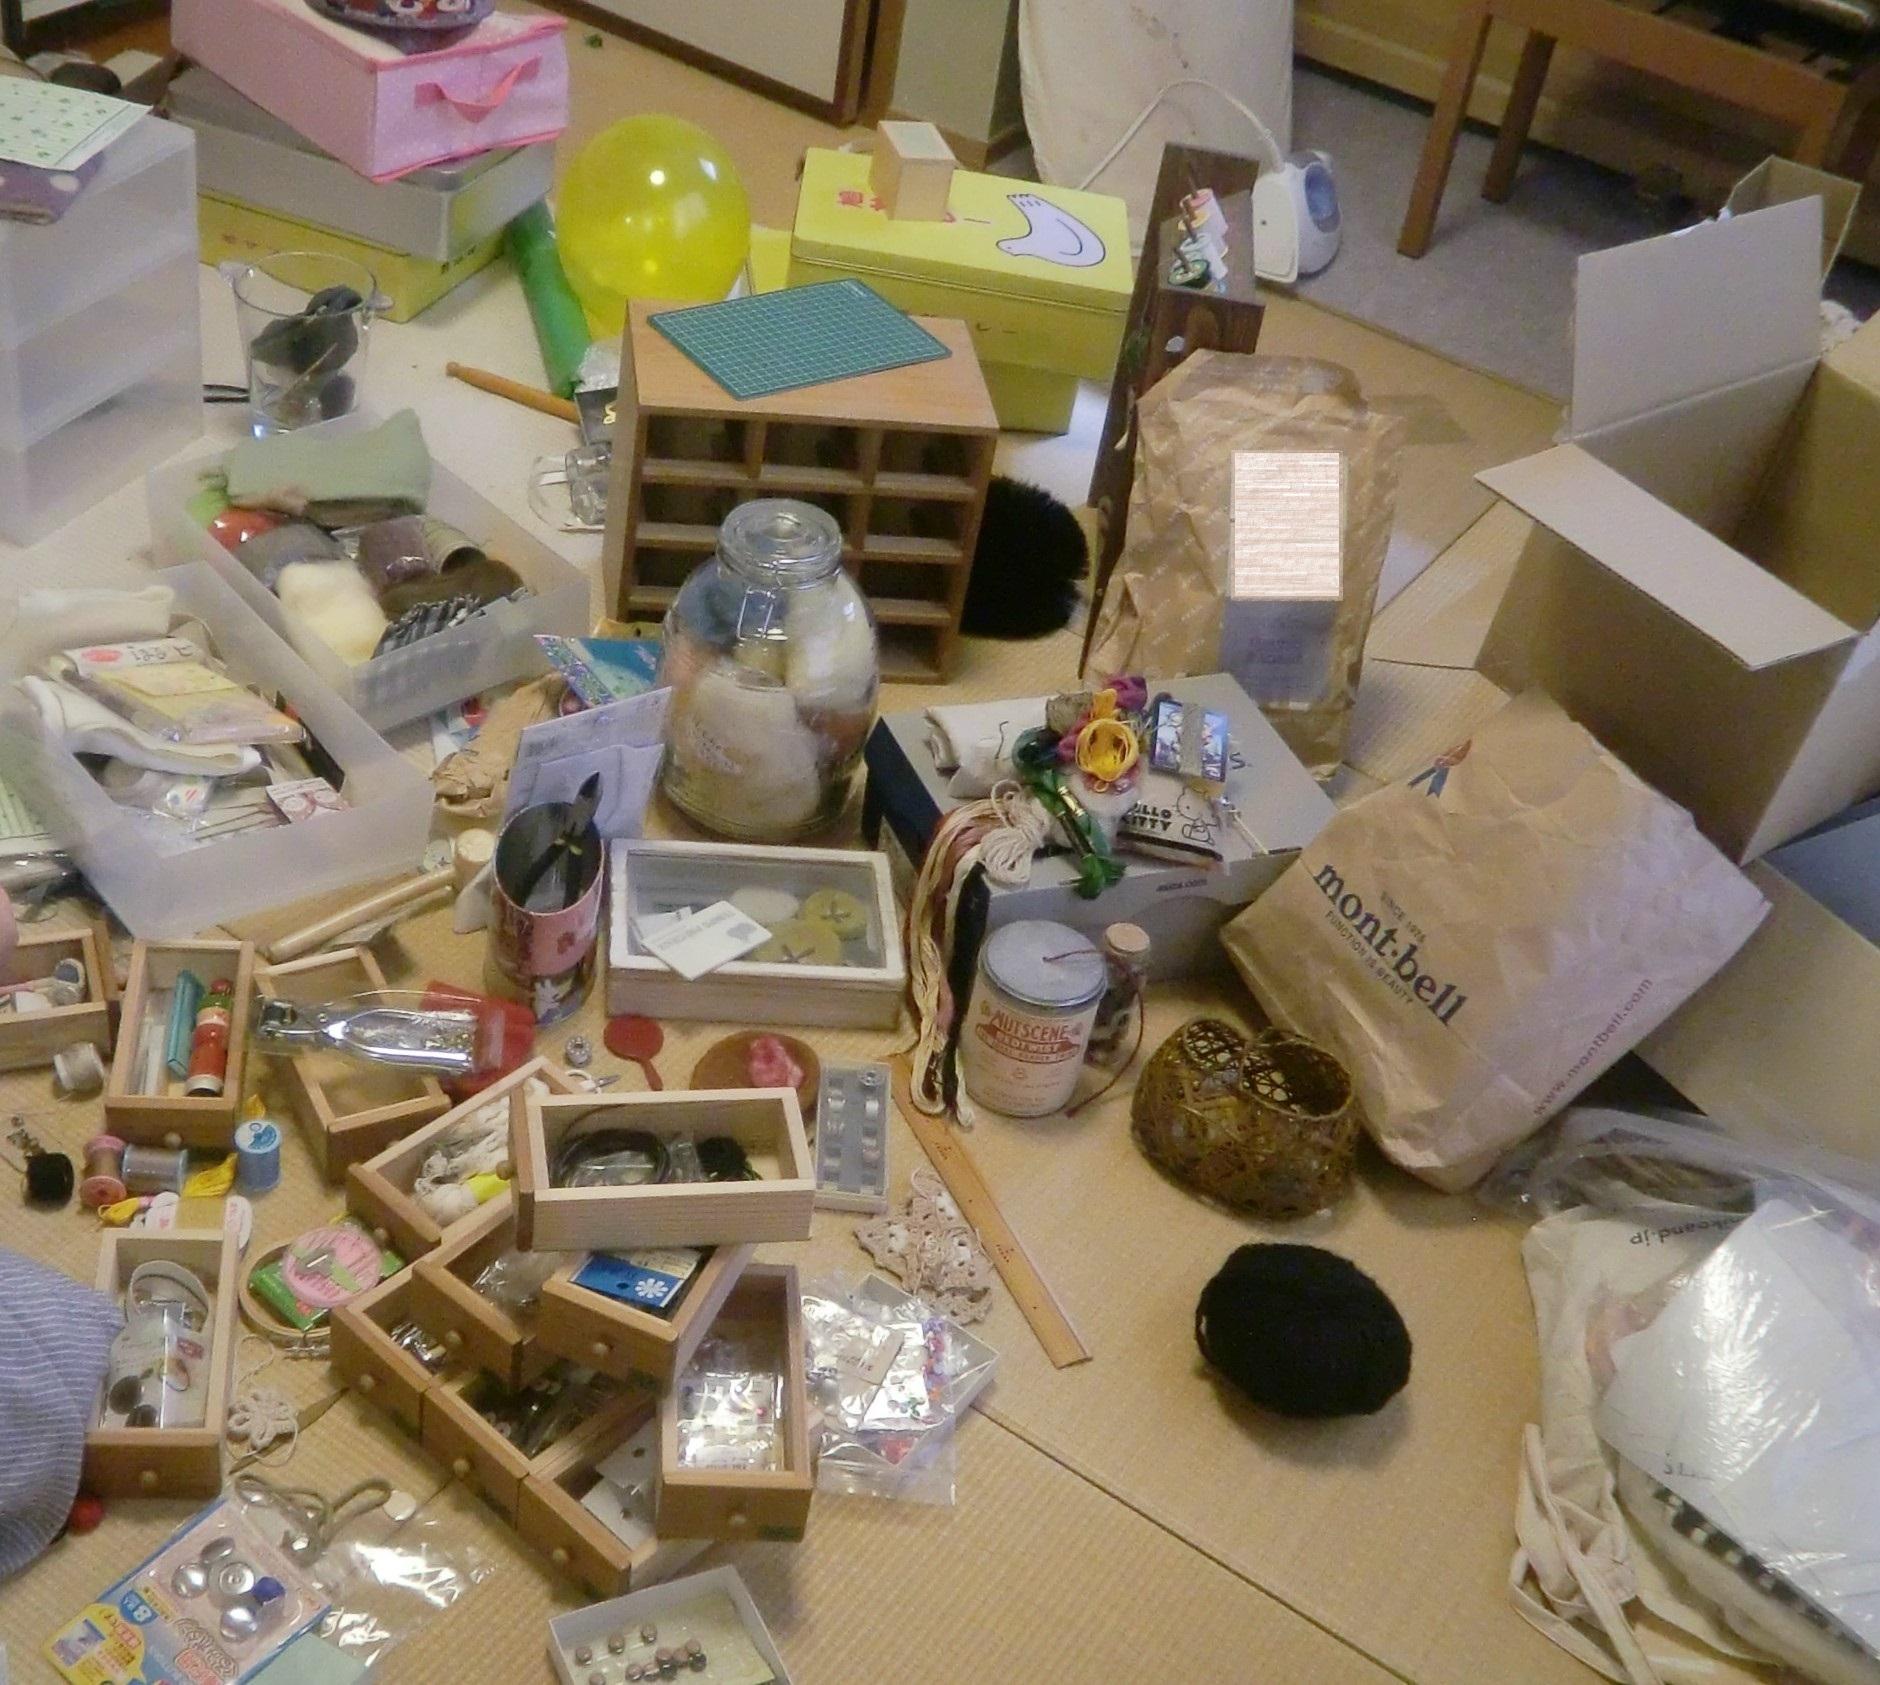 収納 整理整頓 片づけレッスンハンナリ 大阪 子育てママのための 片付けられない整理整頓小物 裁縫 手芸 片付け